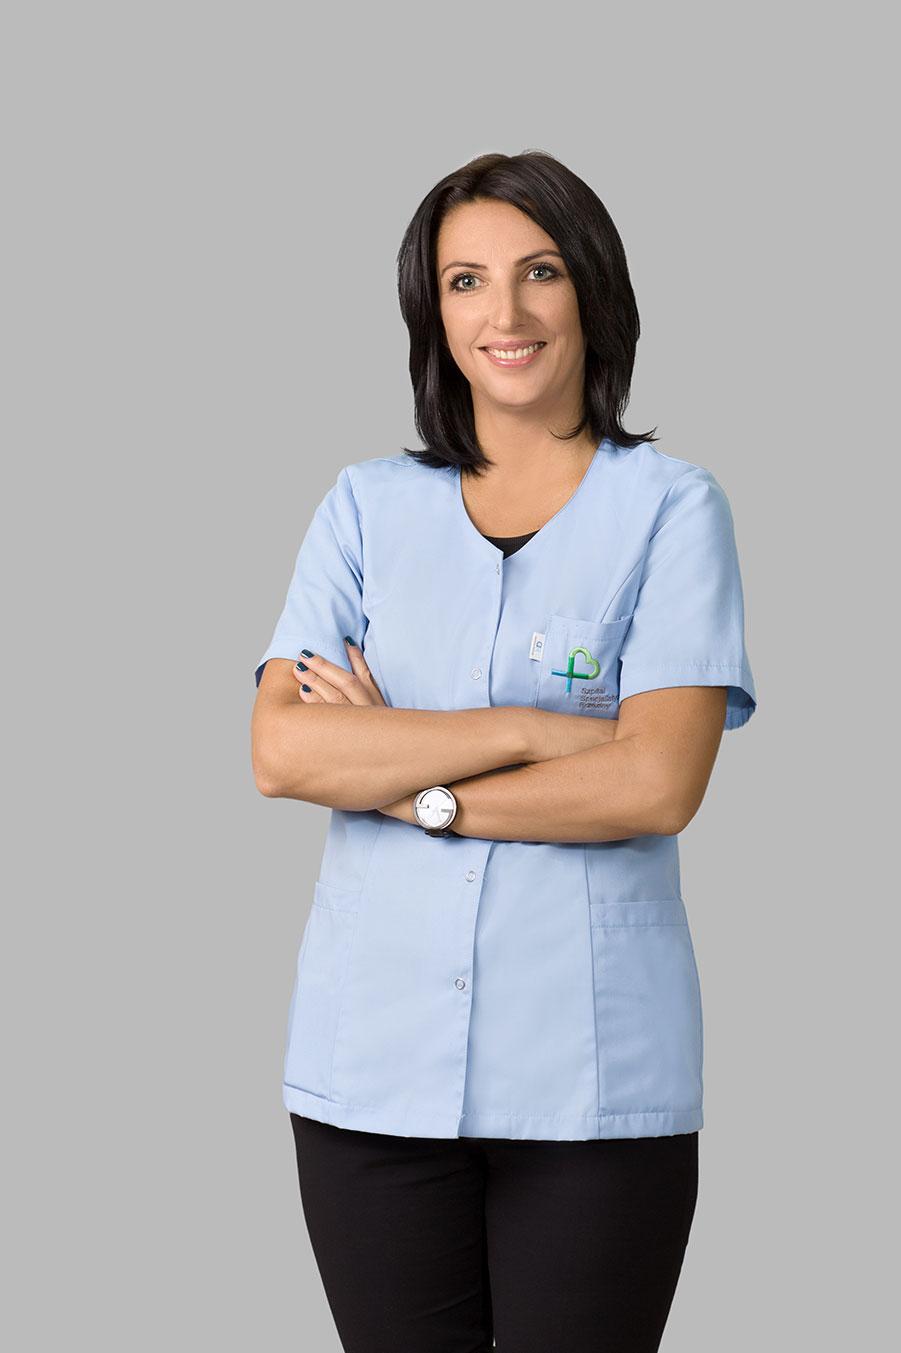 Dominika Sobieszkoda